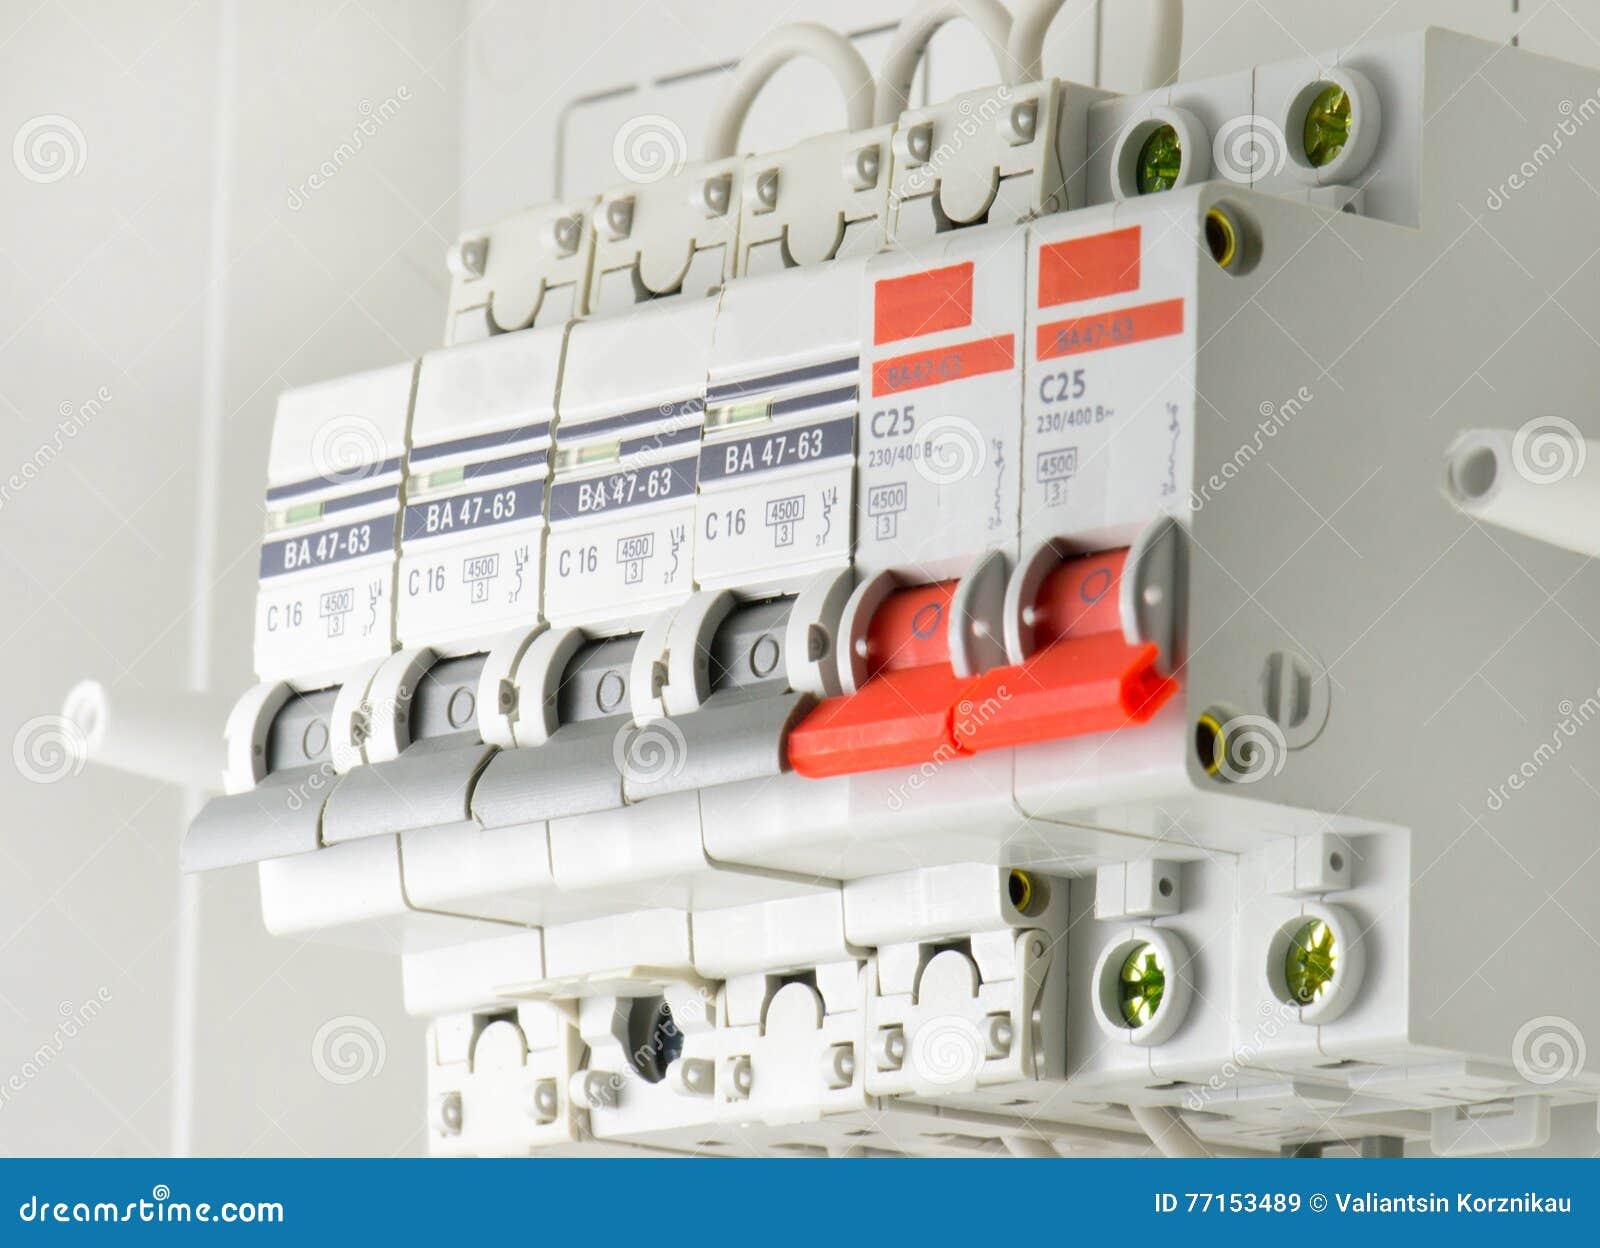 Automatische Elektrische Sicherungen Stockbild - Bild von ...